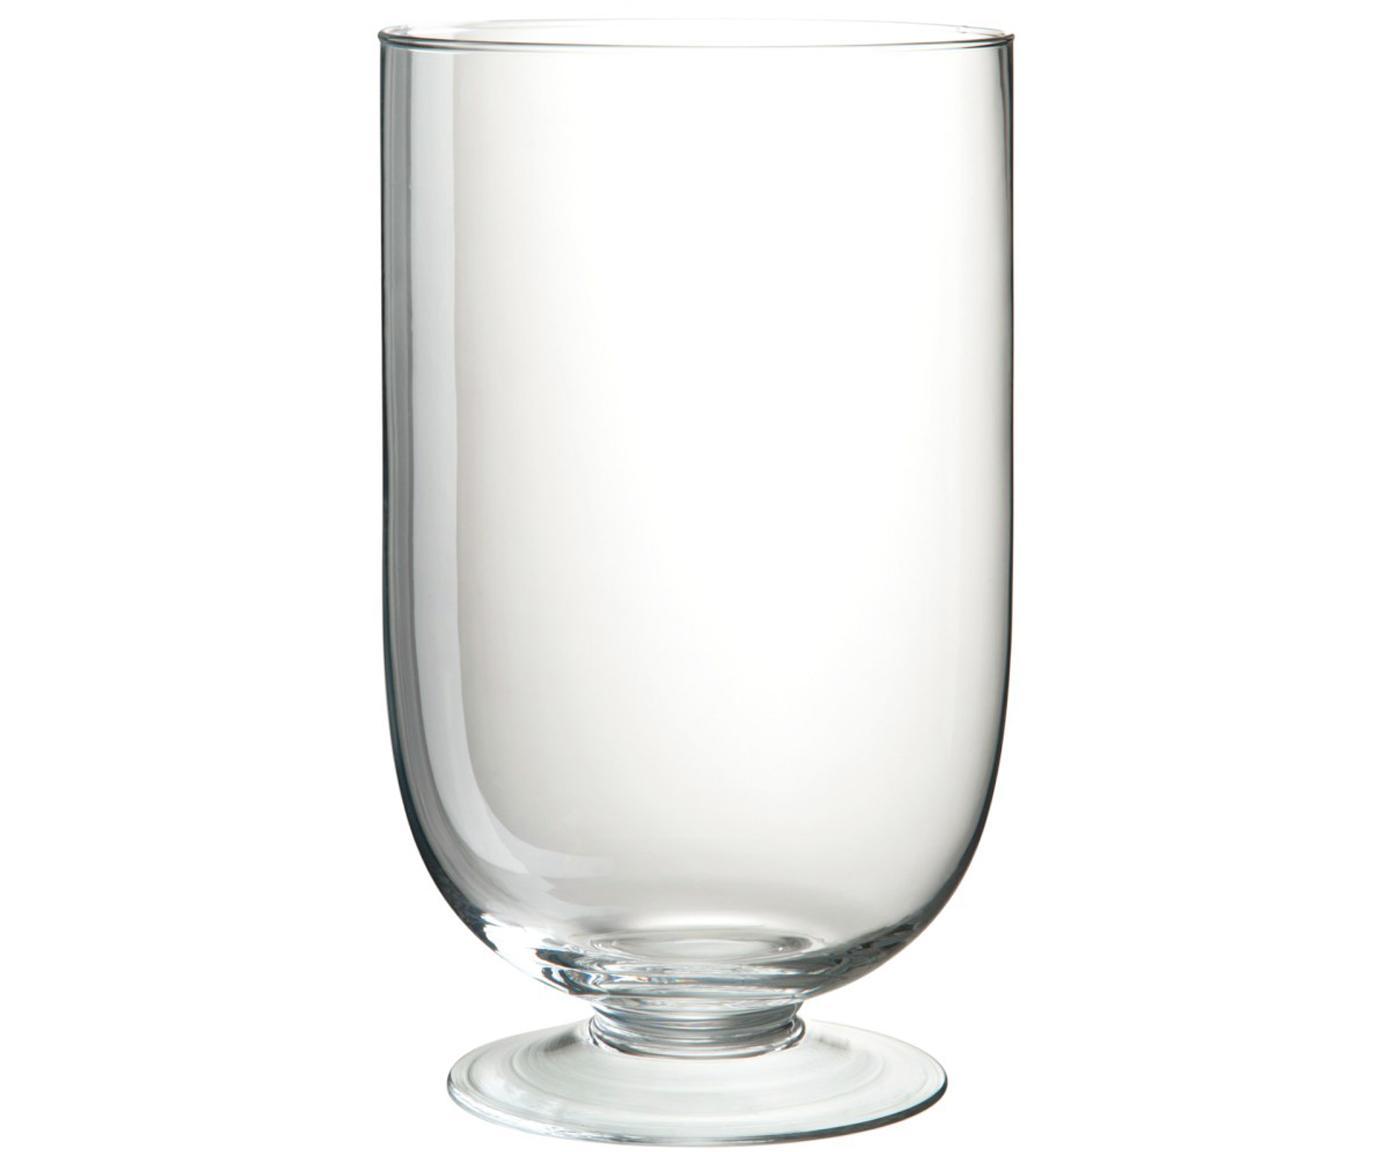 Wazon ze szkła Clery, Szkło, Transparentny, Ø 15 x W 24 cm